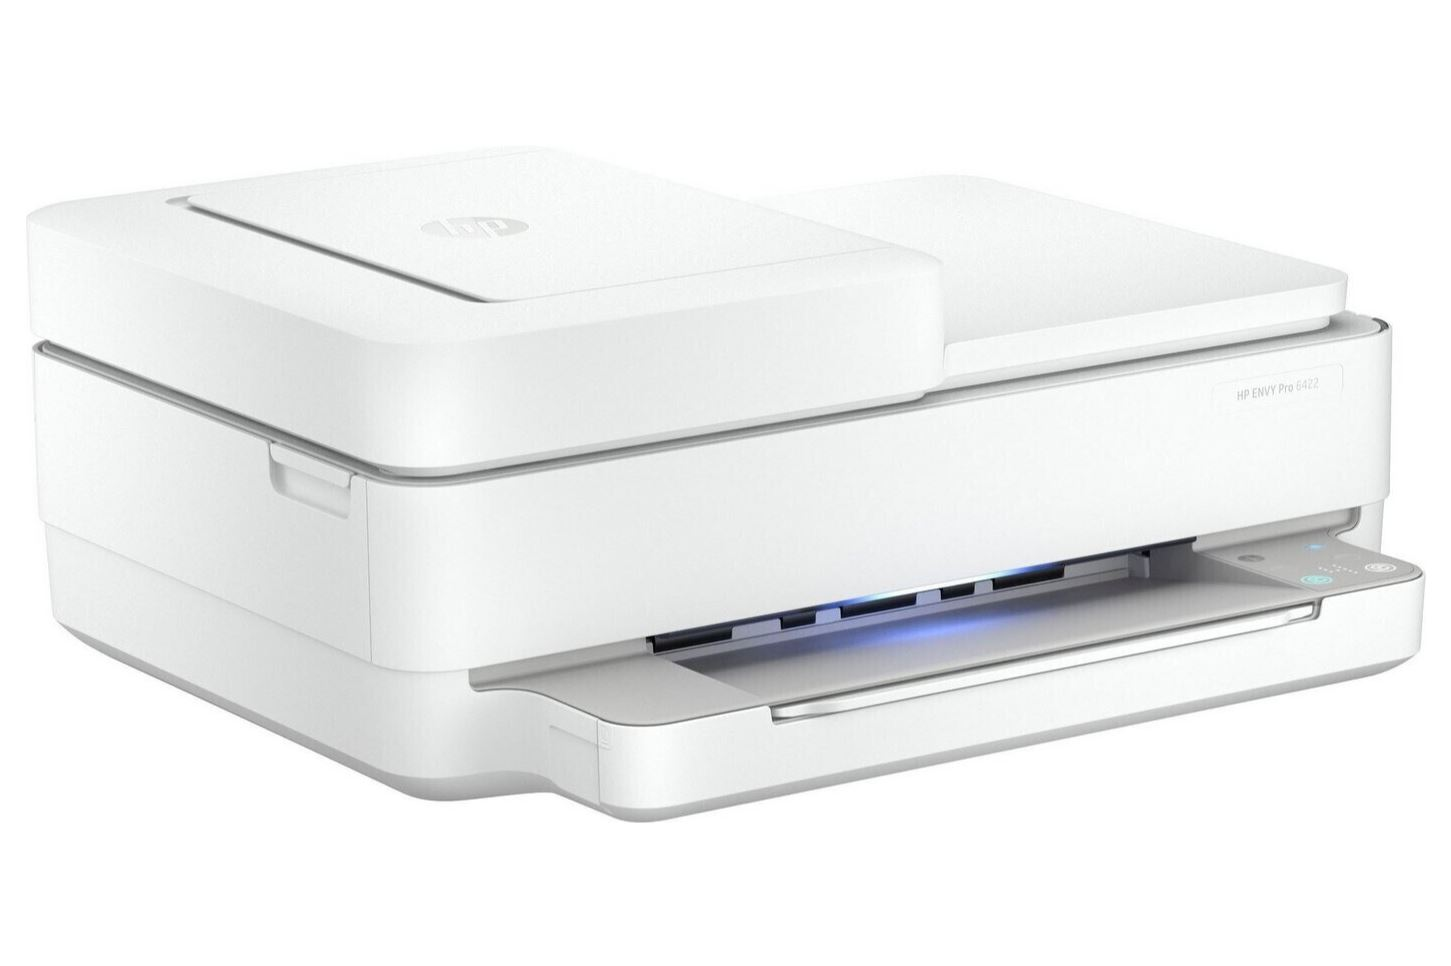 HP Envy Pro 6422 Tintenstrahl-Multifunktionsgerät für nur 89,99 Euro inkl. Versand